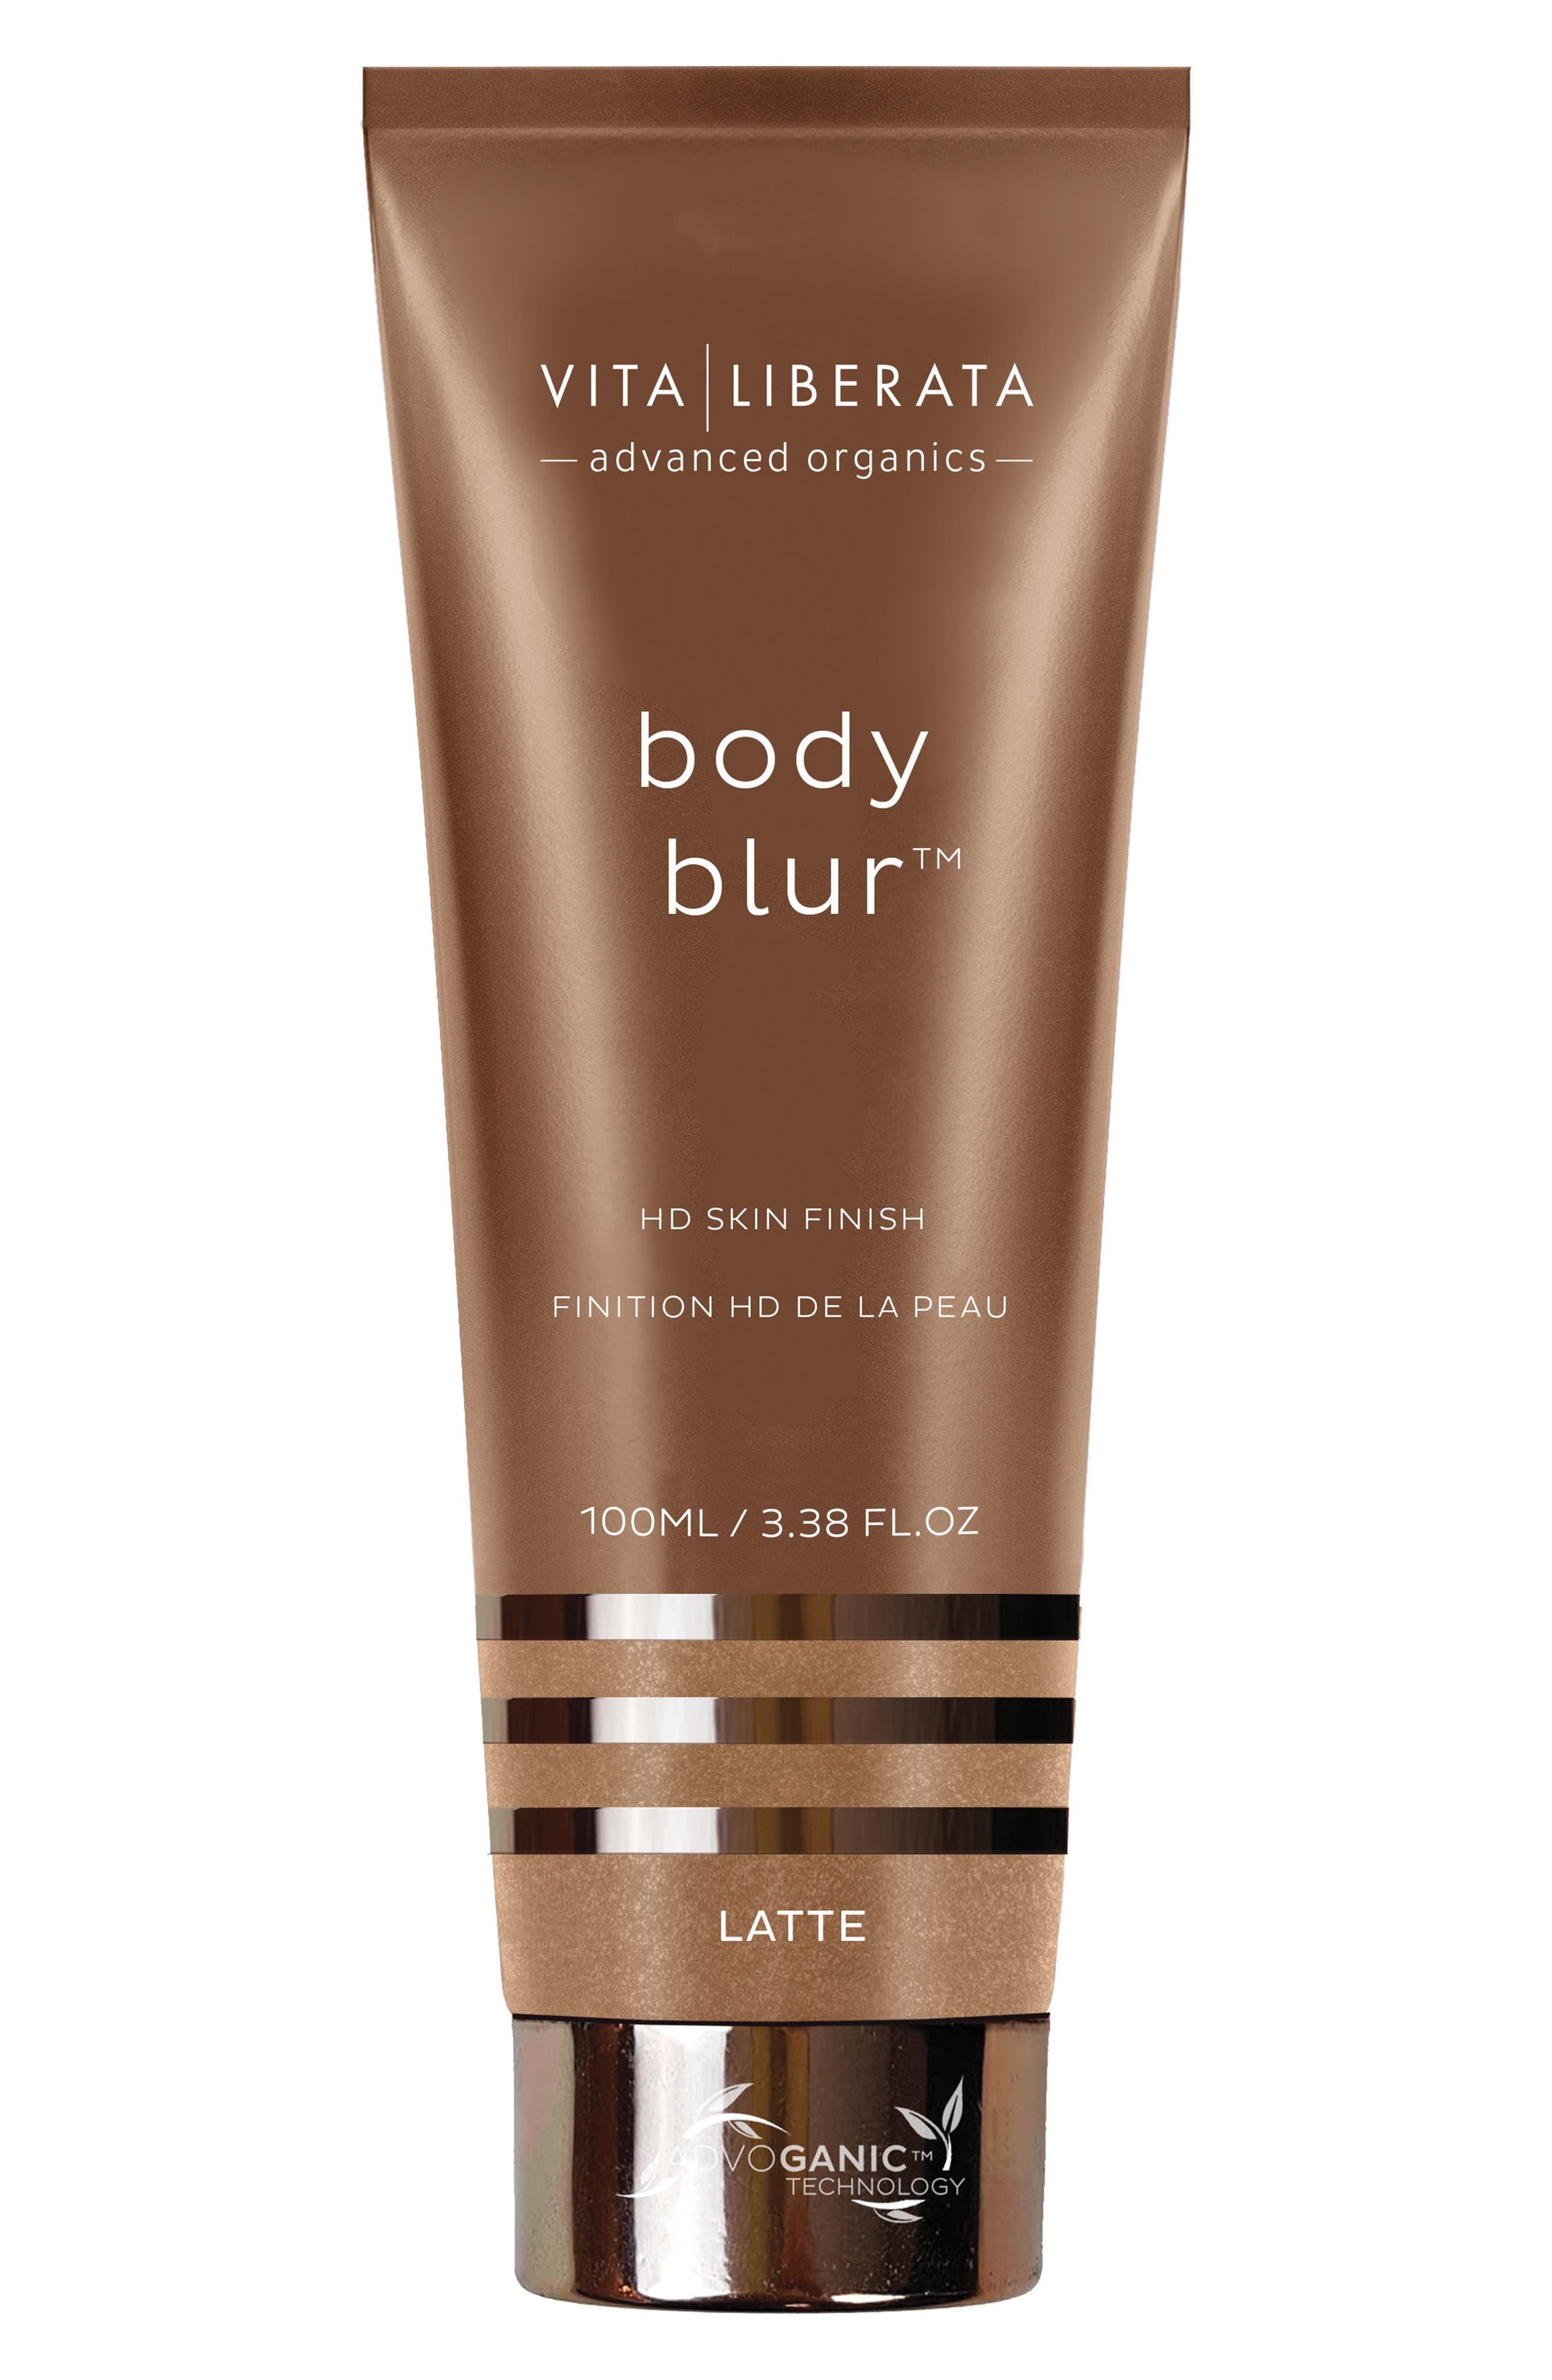 VITA LIBERATA Body Blur Instant HD Skin Finish, Main, color, LATTE